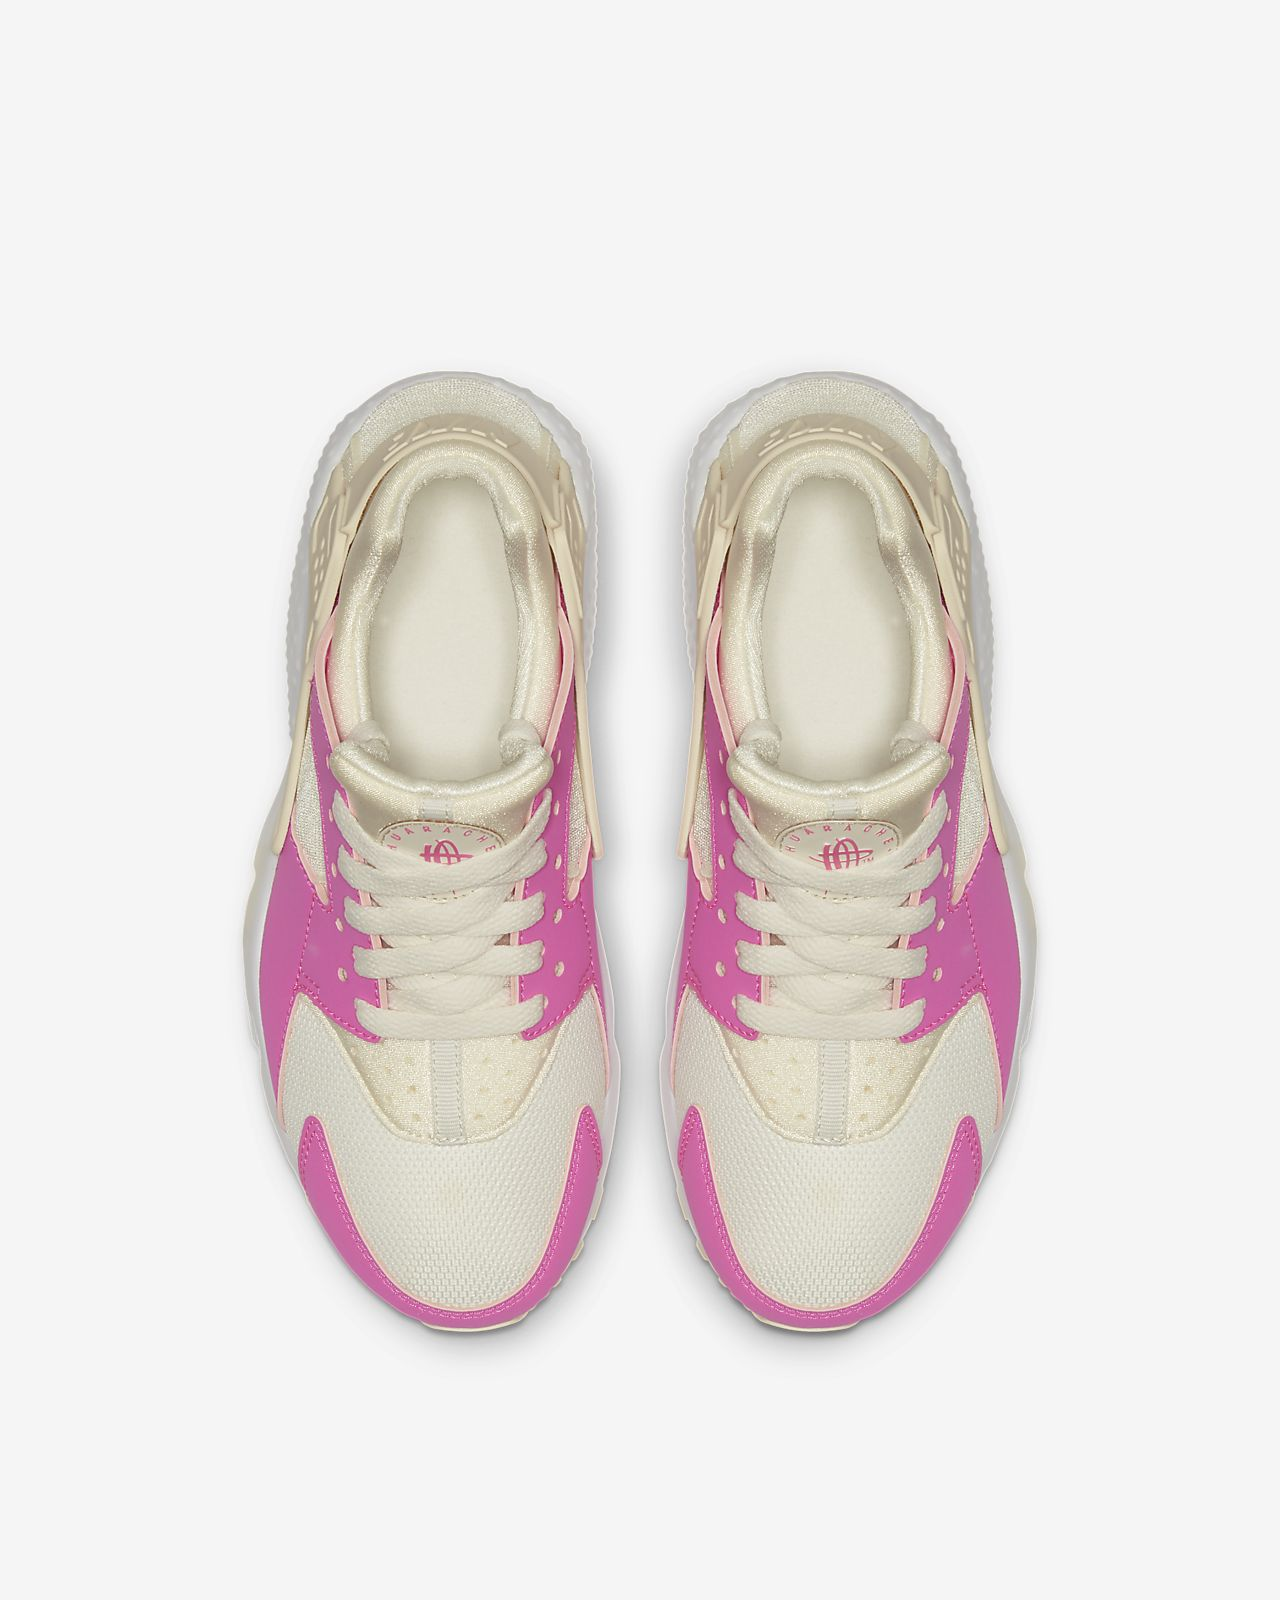 buy online e27e0 ea8fd ... Nike Huarache Big Kids  Shoe